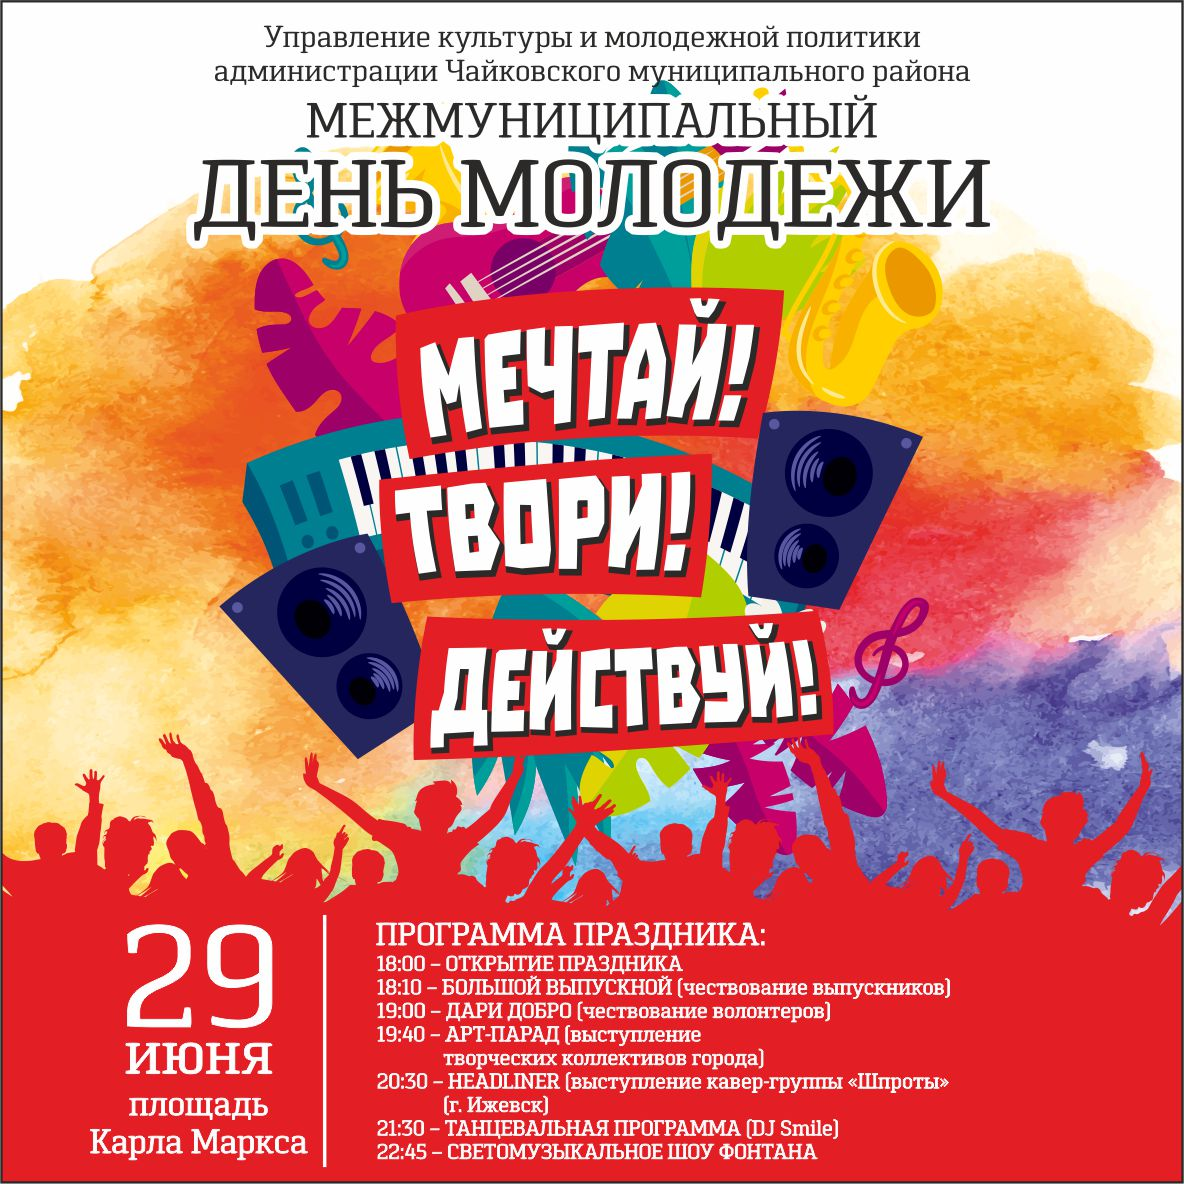 афиша, День молодежи, Чайковский, 2018 год